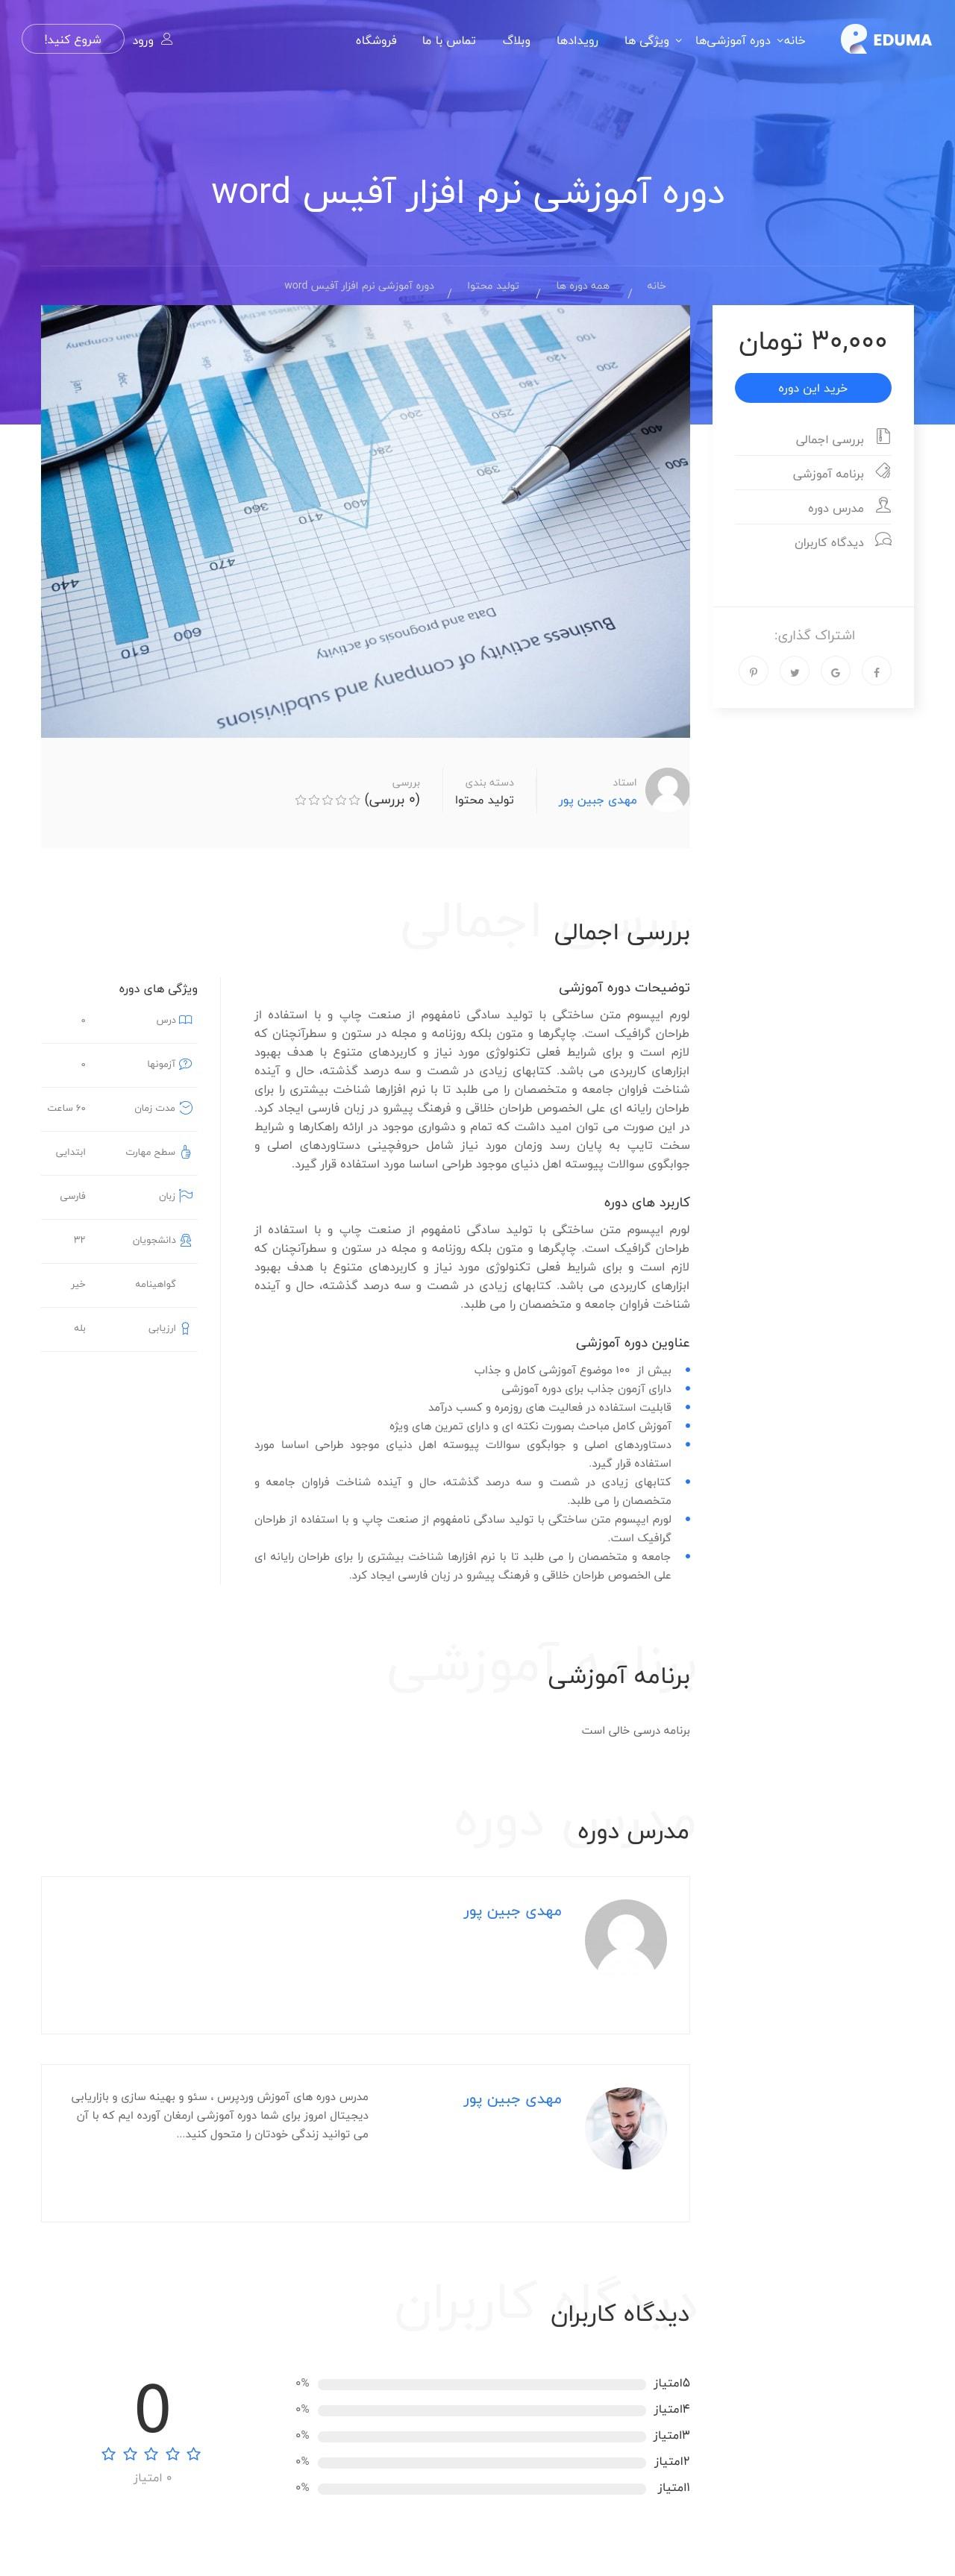 قالب آموزشگاه آنلاین eduma